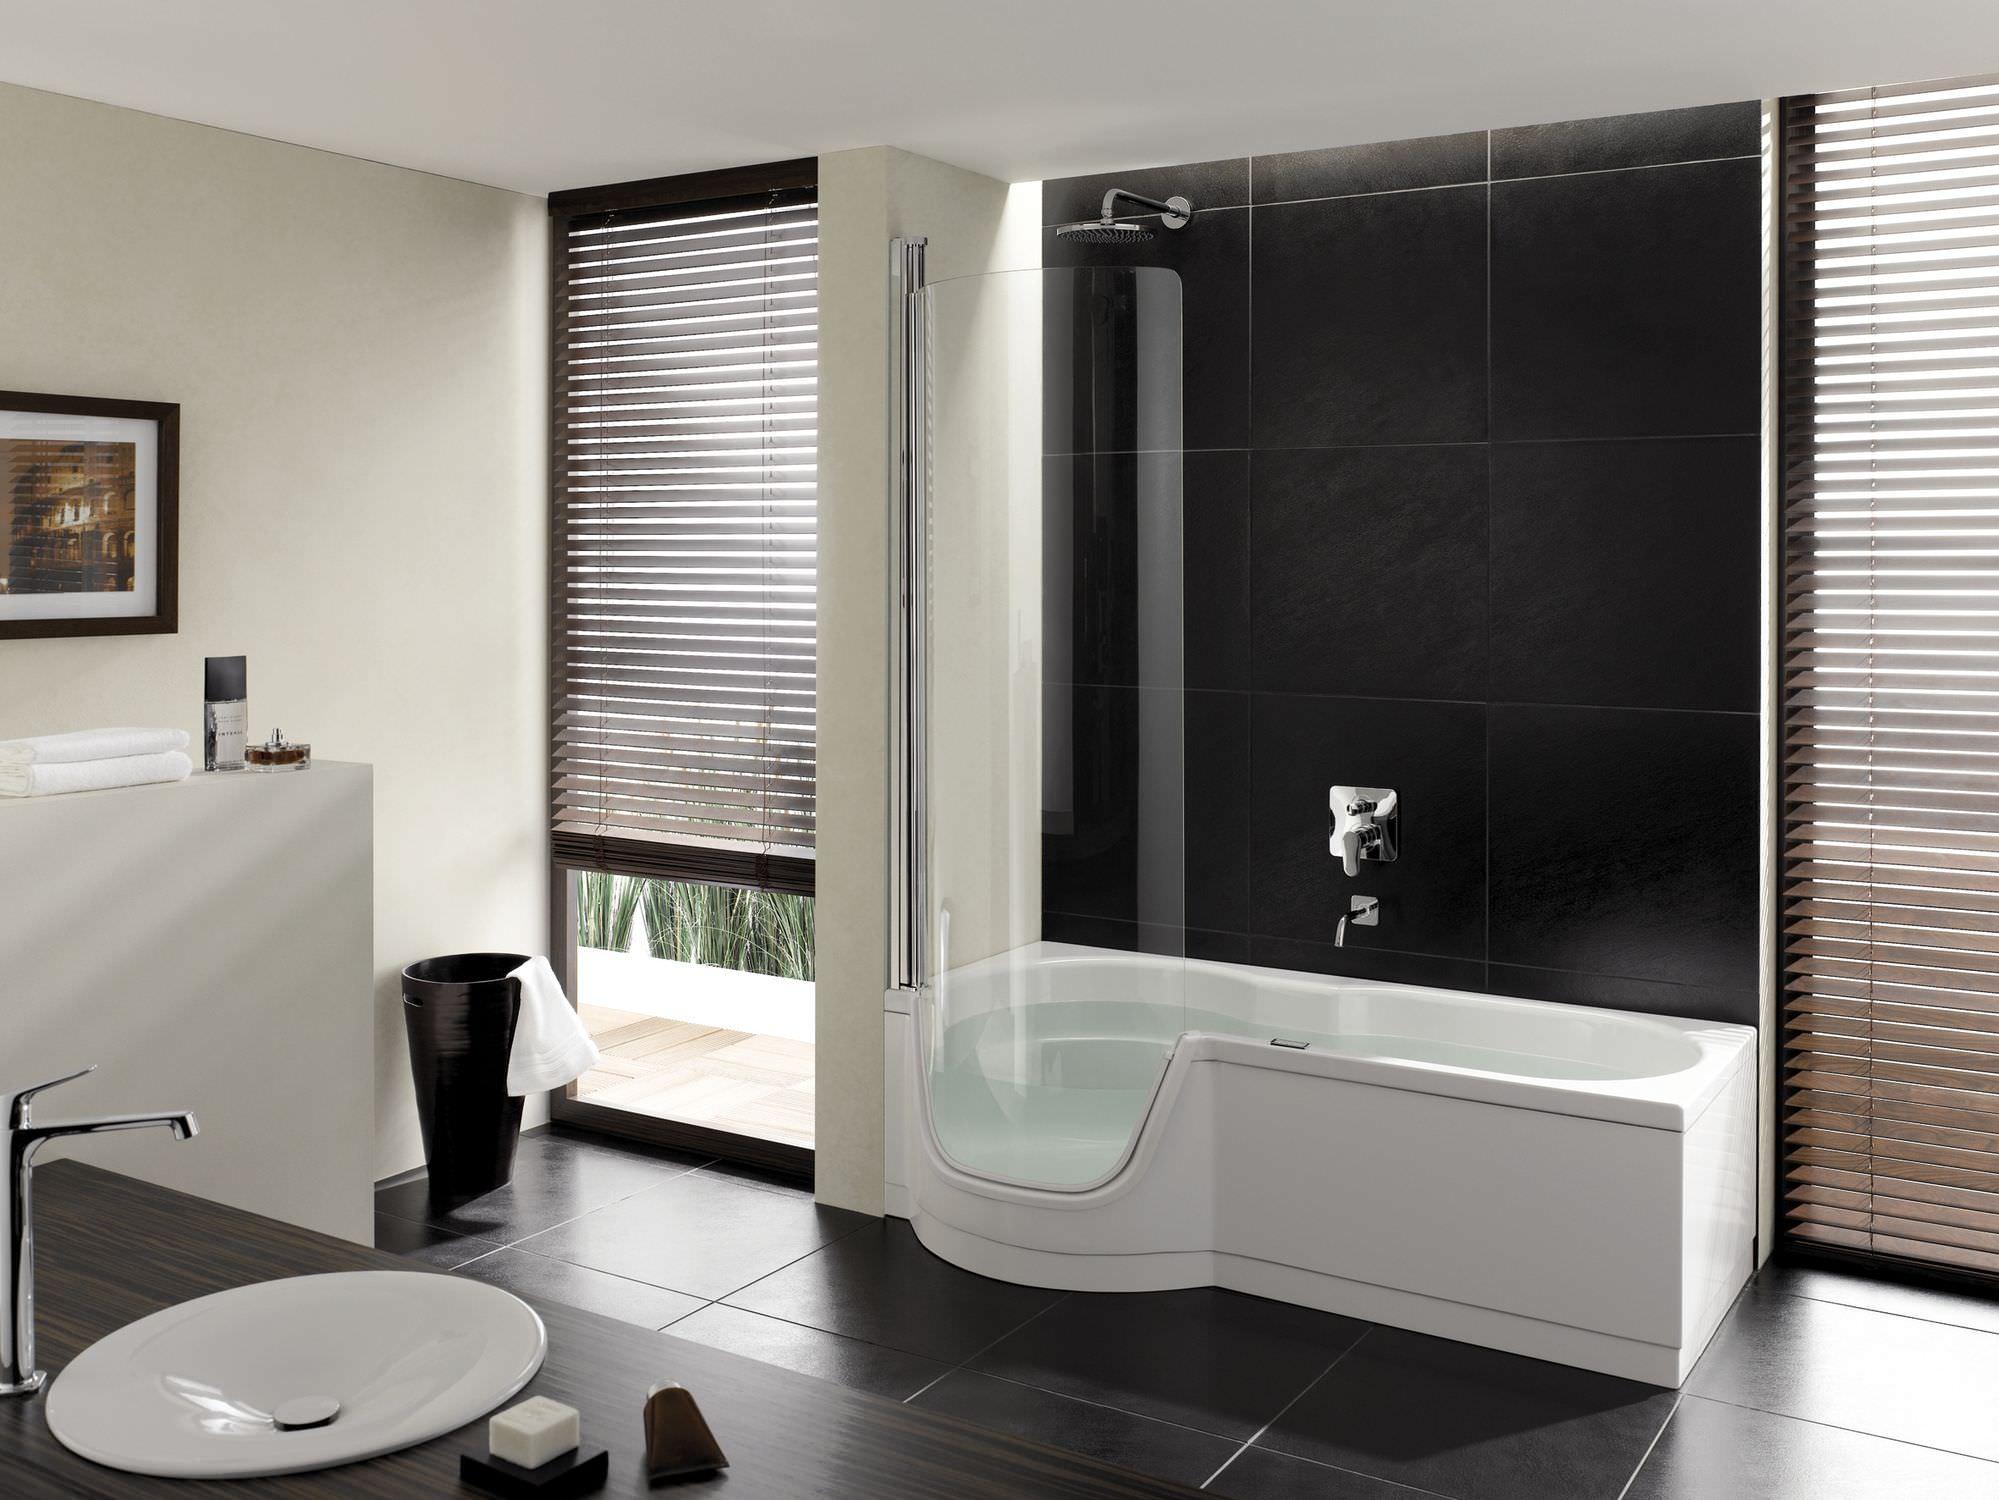 21 Unique Bathroom Tile Designs Ideas And Pictures 2019